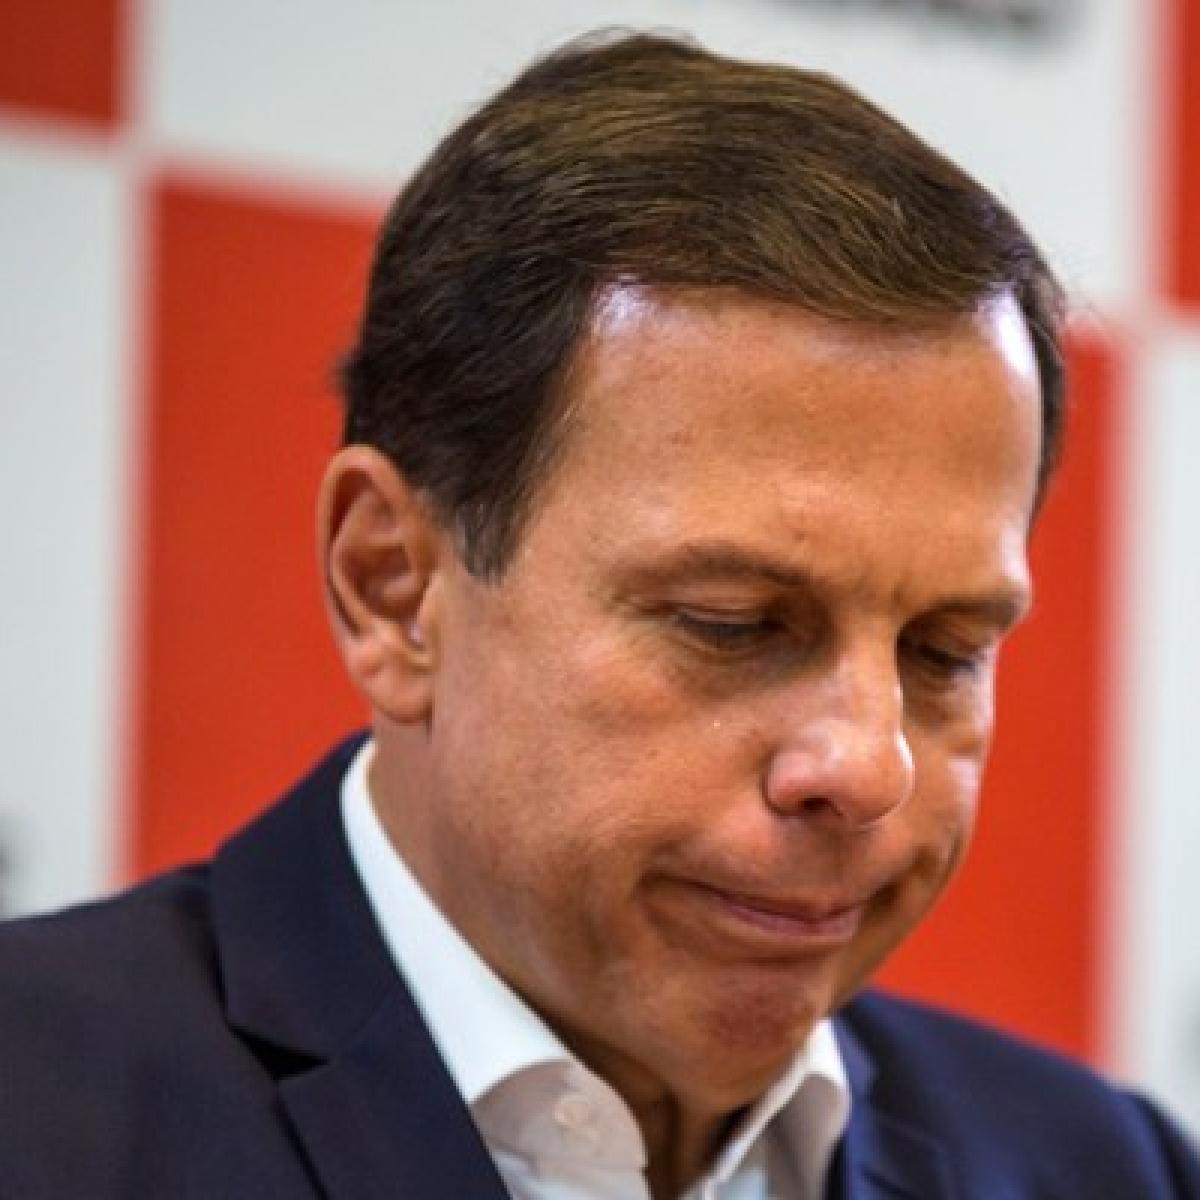 Secretário de Doria reconhece que o governo federal ajudou a antecipar a vacinação em SP